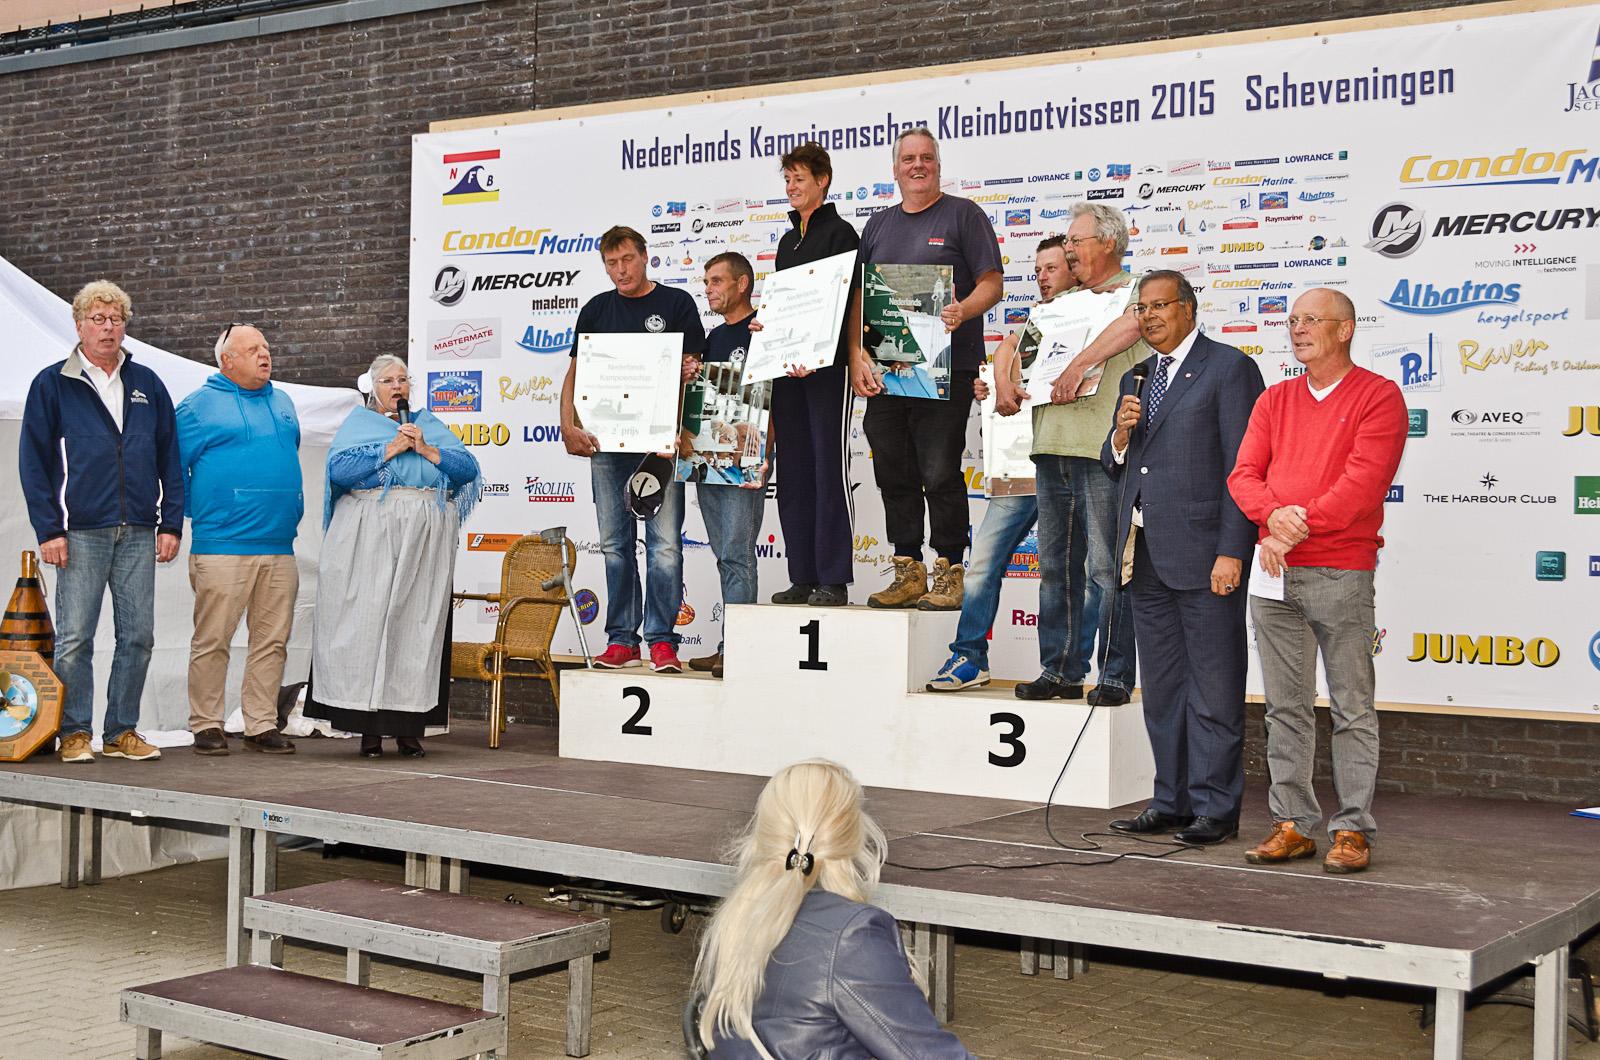 NK_kleinbootvissen_2015_Scheveningen-5